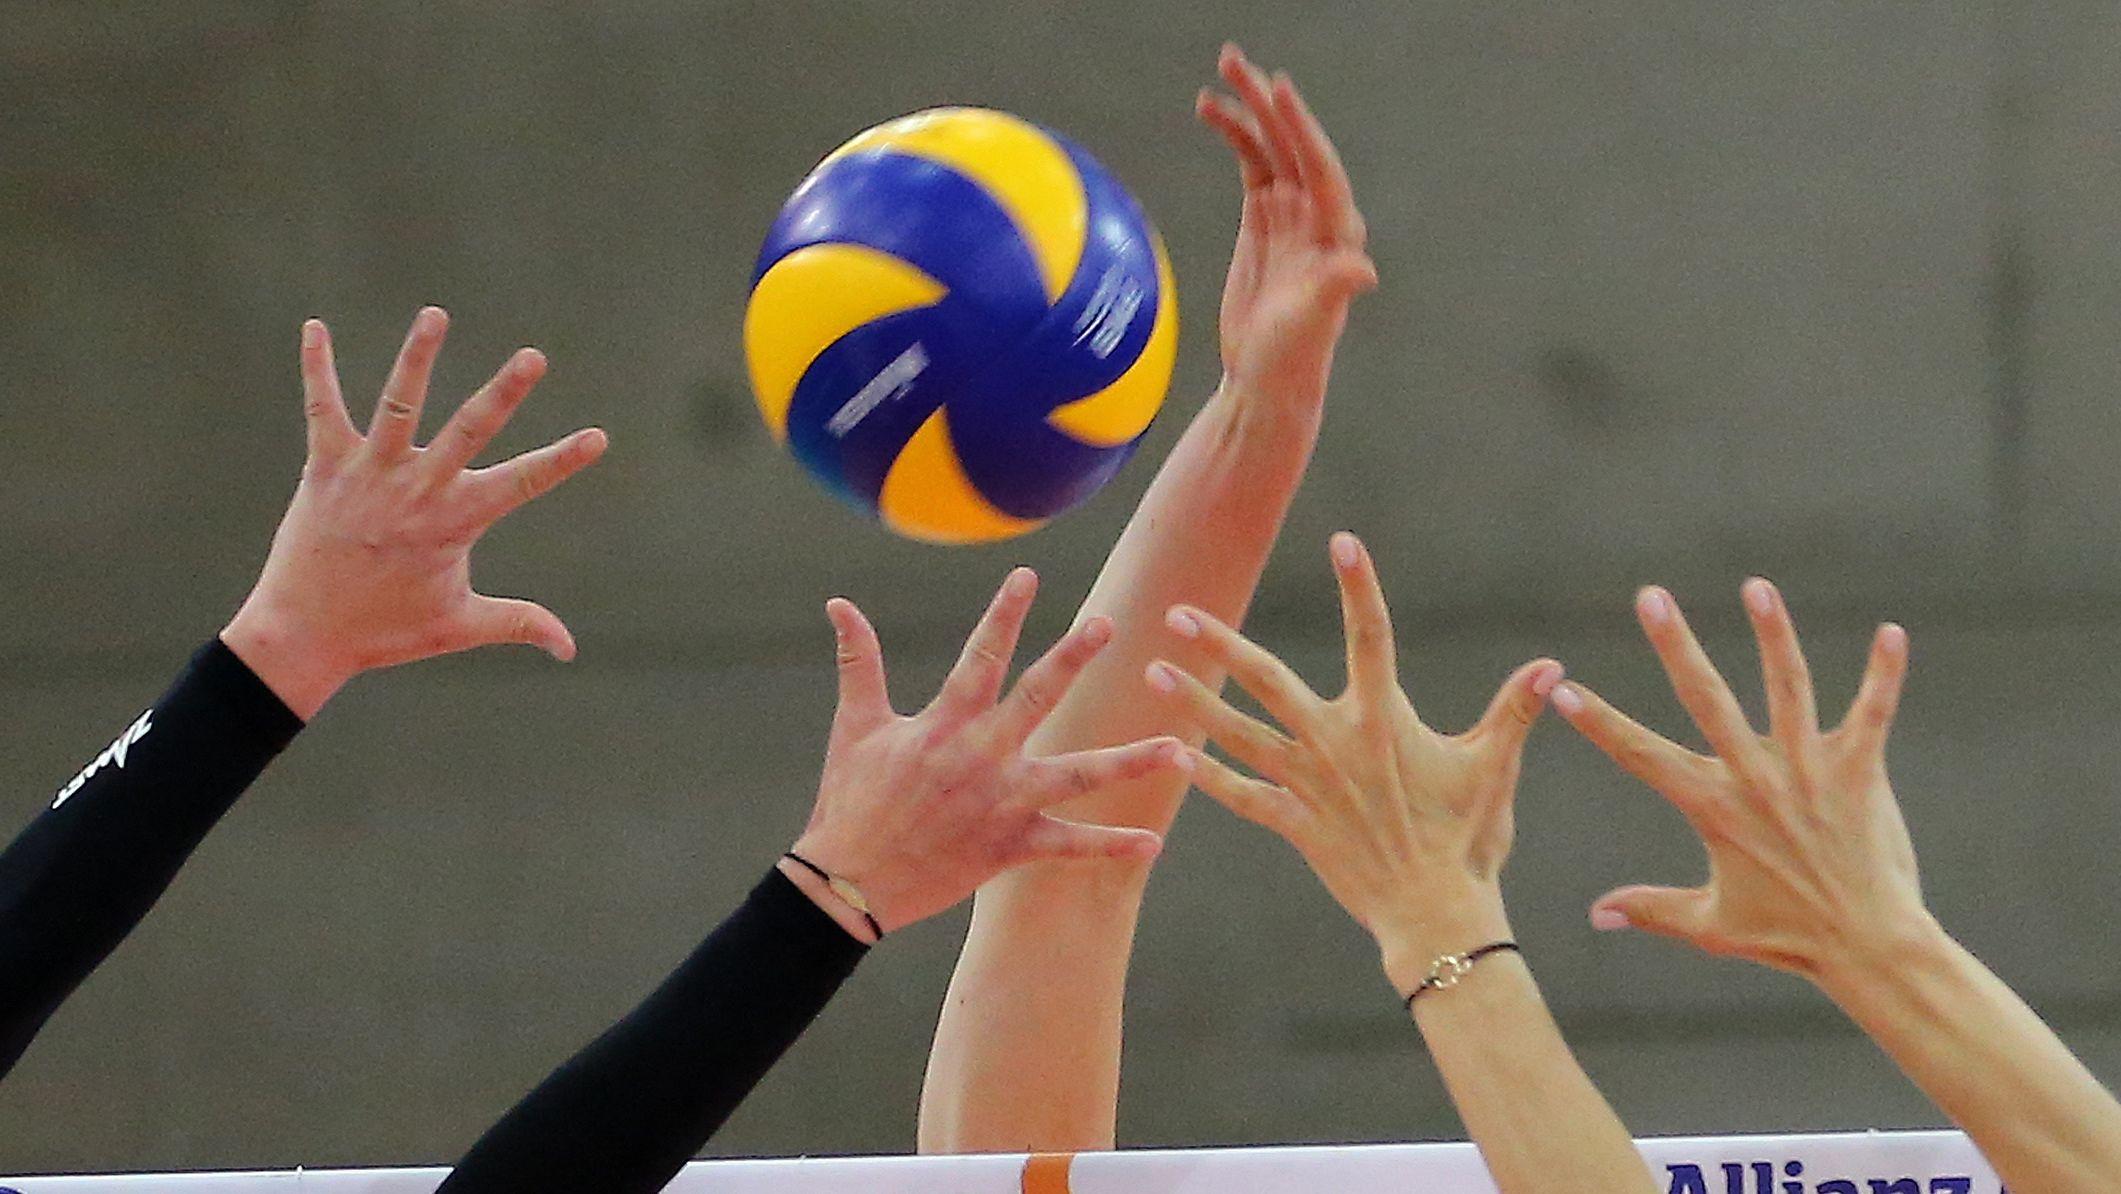 Ballszene am Netz während eines Damen-Volleyballspiels